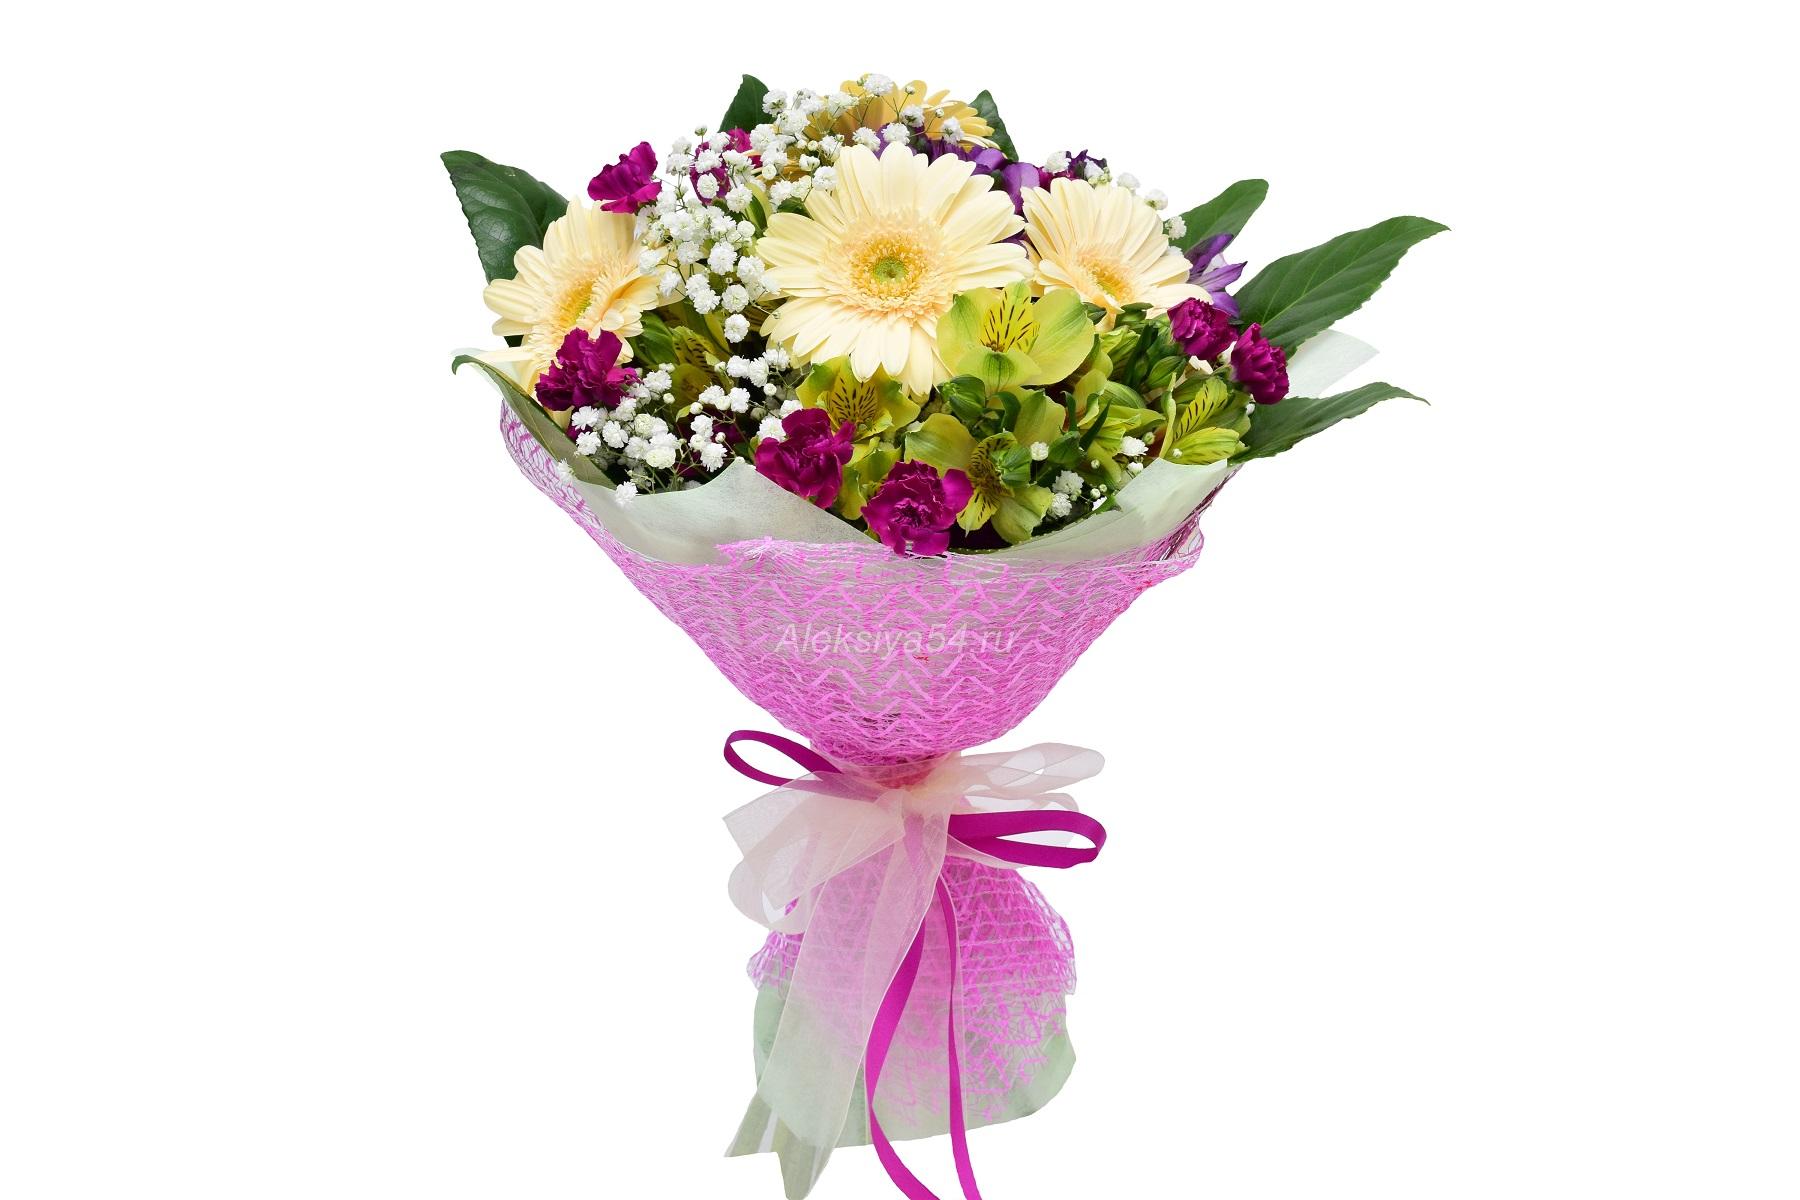 Оптовые базы твери живые цветы заказ цветов в щелково с доставкой